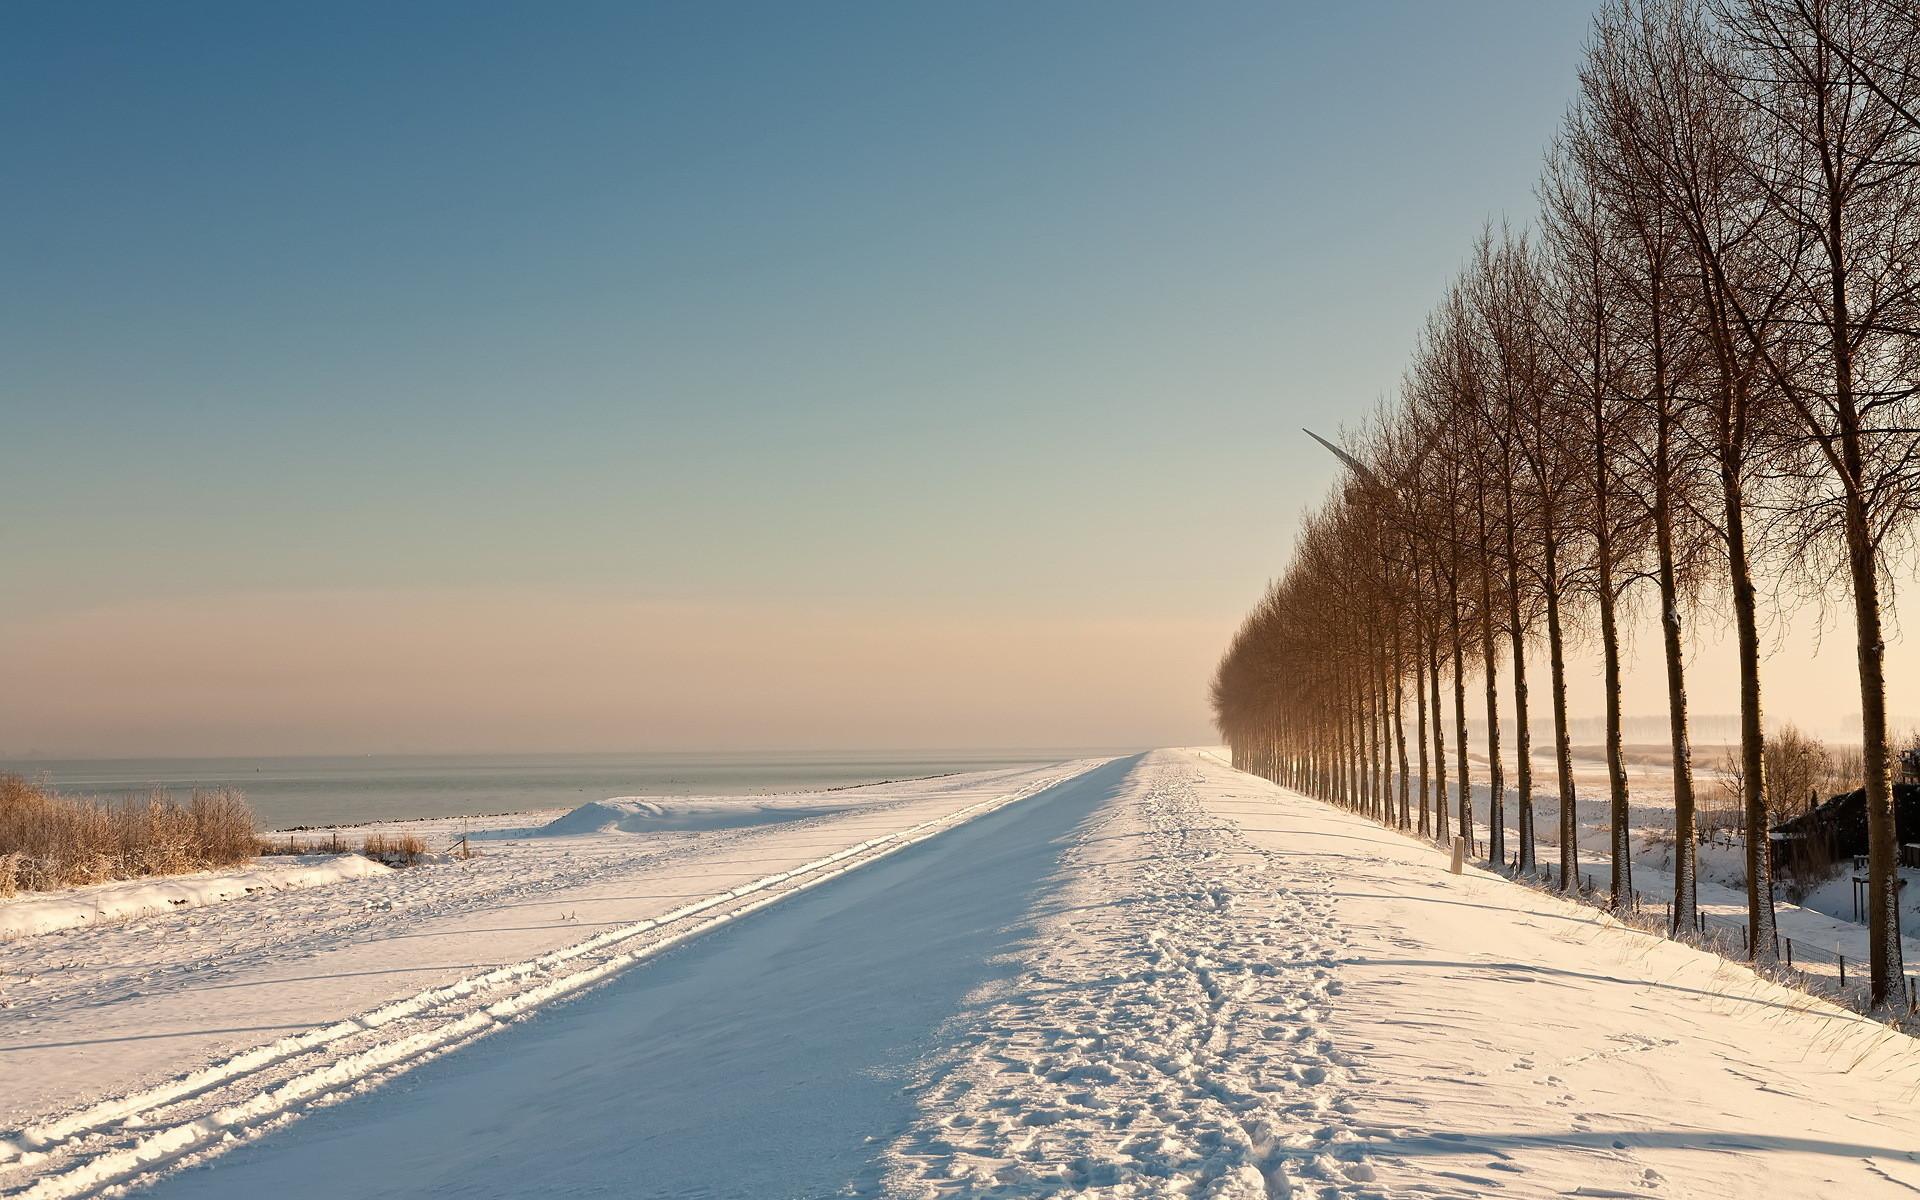 Скачать картинку Пейзаж, Зима, Деревья, Дороги, Снег в телефон бесплатно.